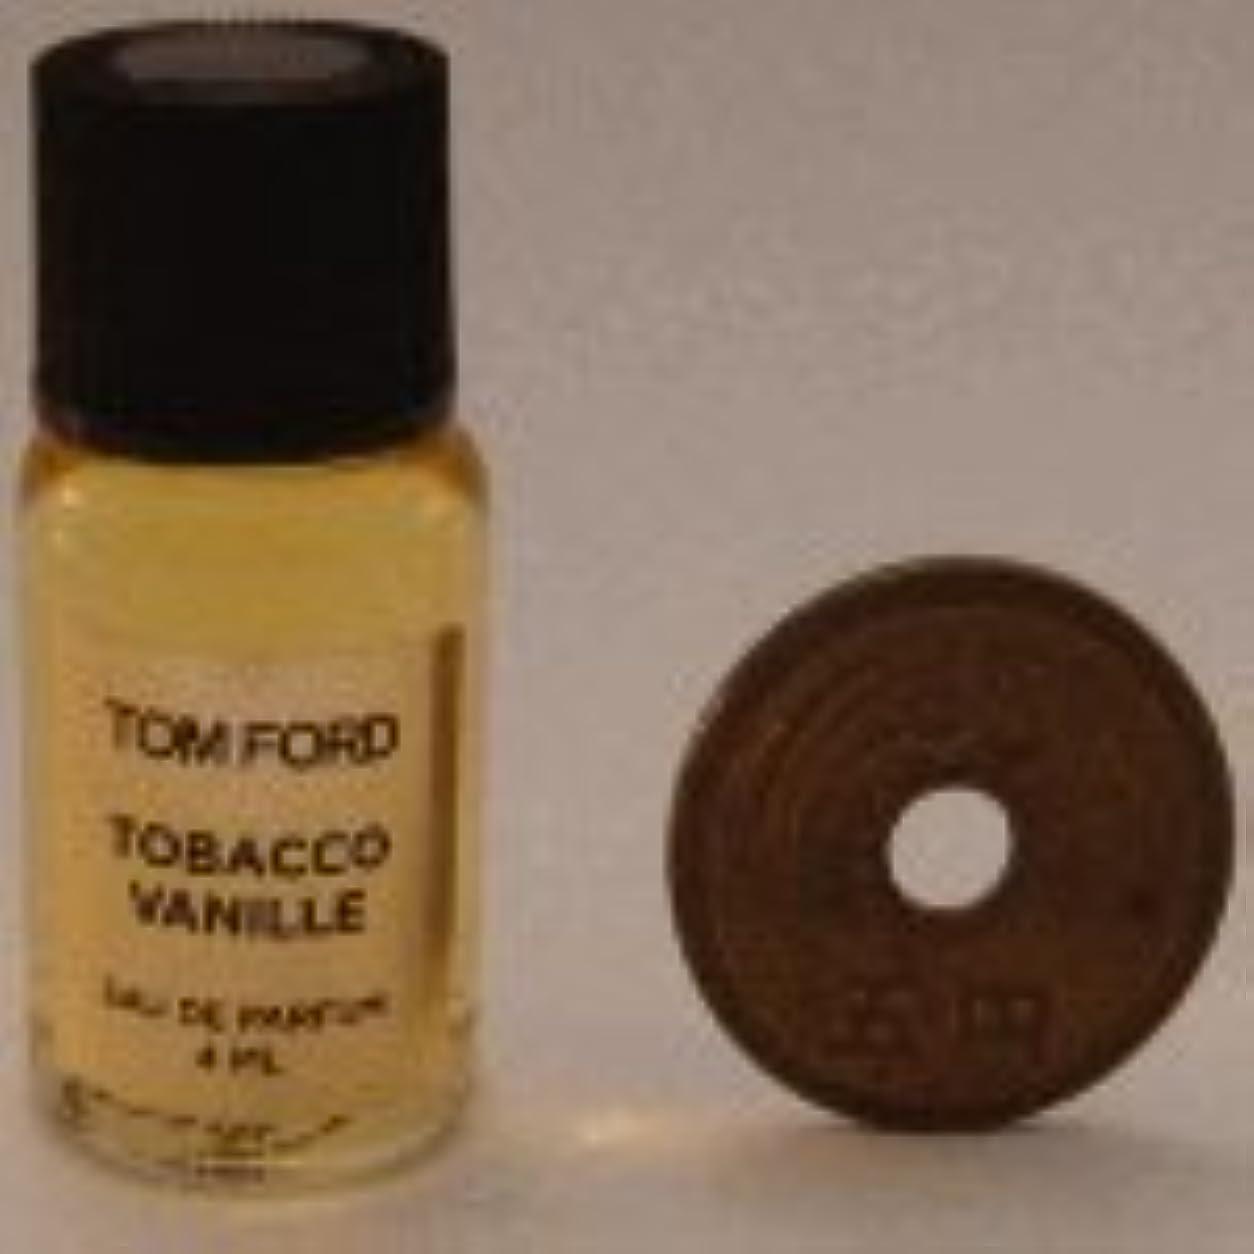 大使館椅子軽Tom Ford Private Blend 'Tobacco Vanille' (トムフォード プライベートブレンド タバコバニラ) 4ml EDP ミニボトル (手詰めサンプル)